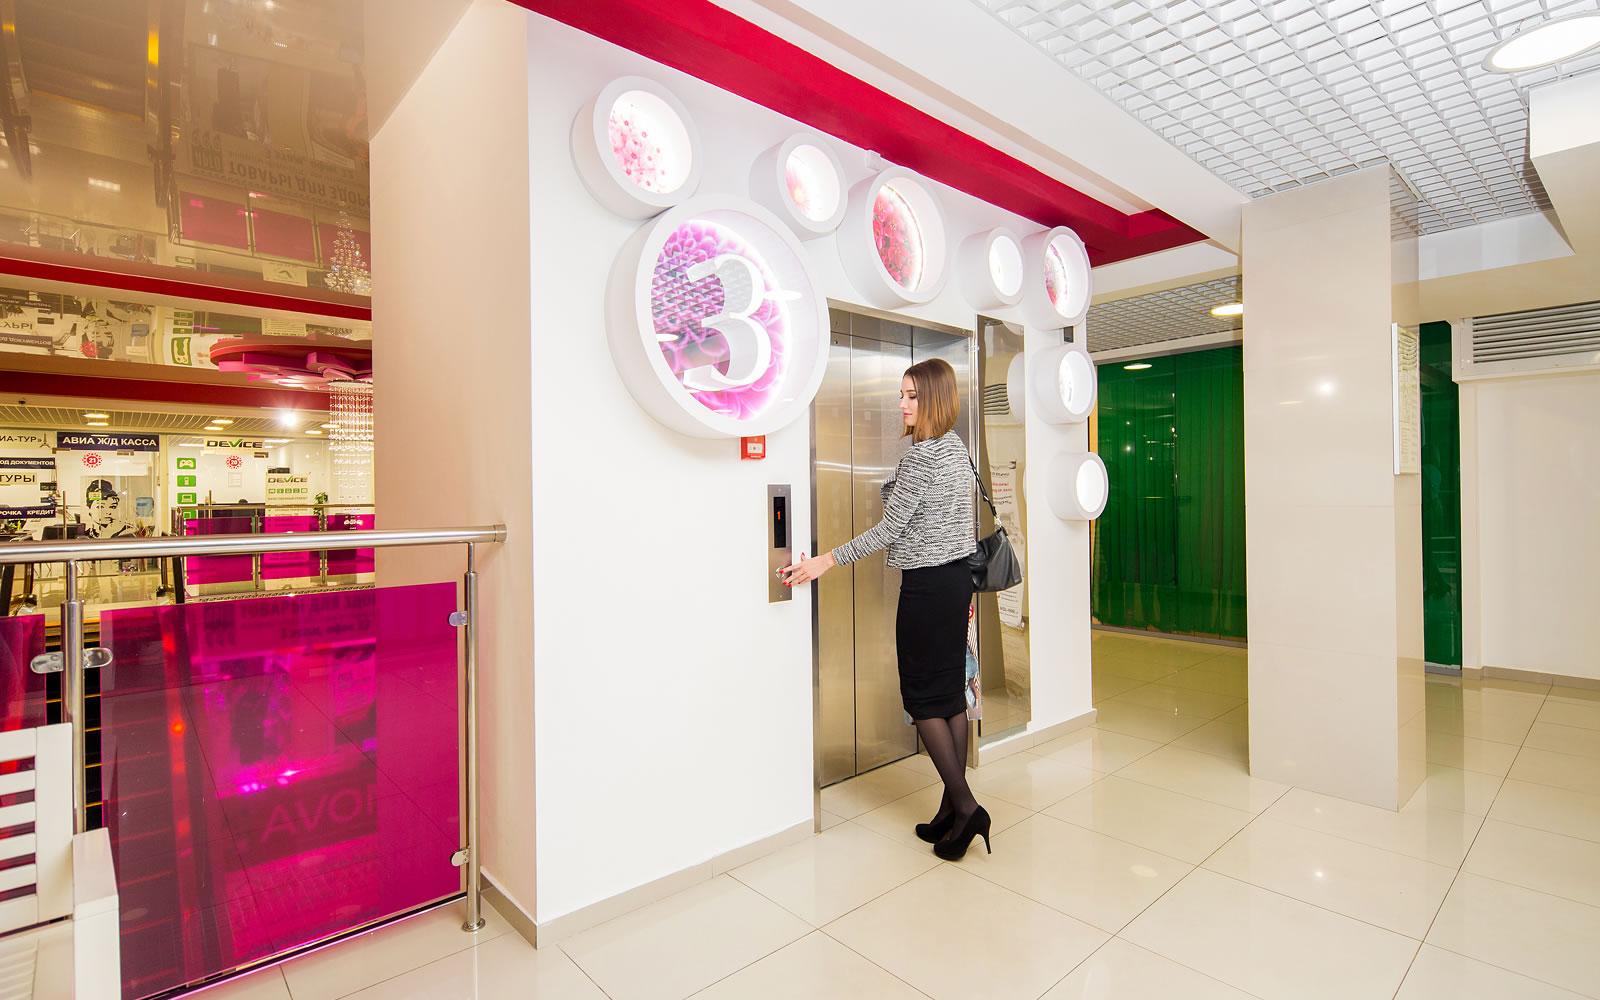 В лифтовой зоне навигационные указатели подчеркивают бренд торгового центра «Цветной парк»